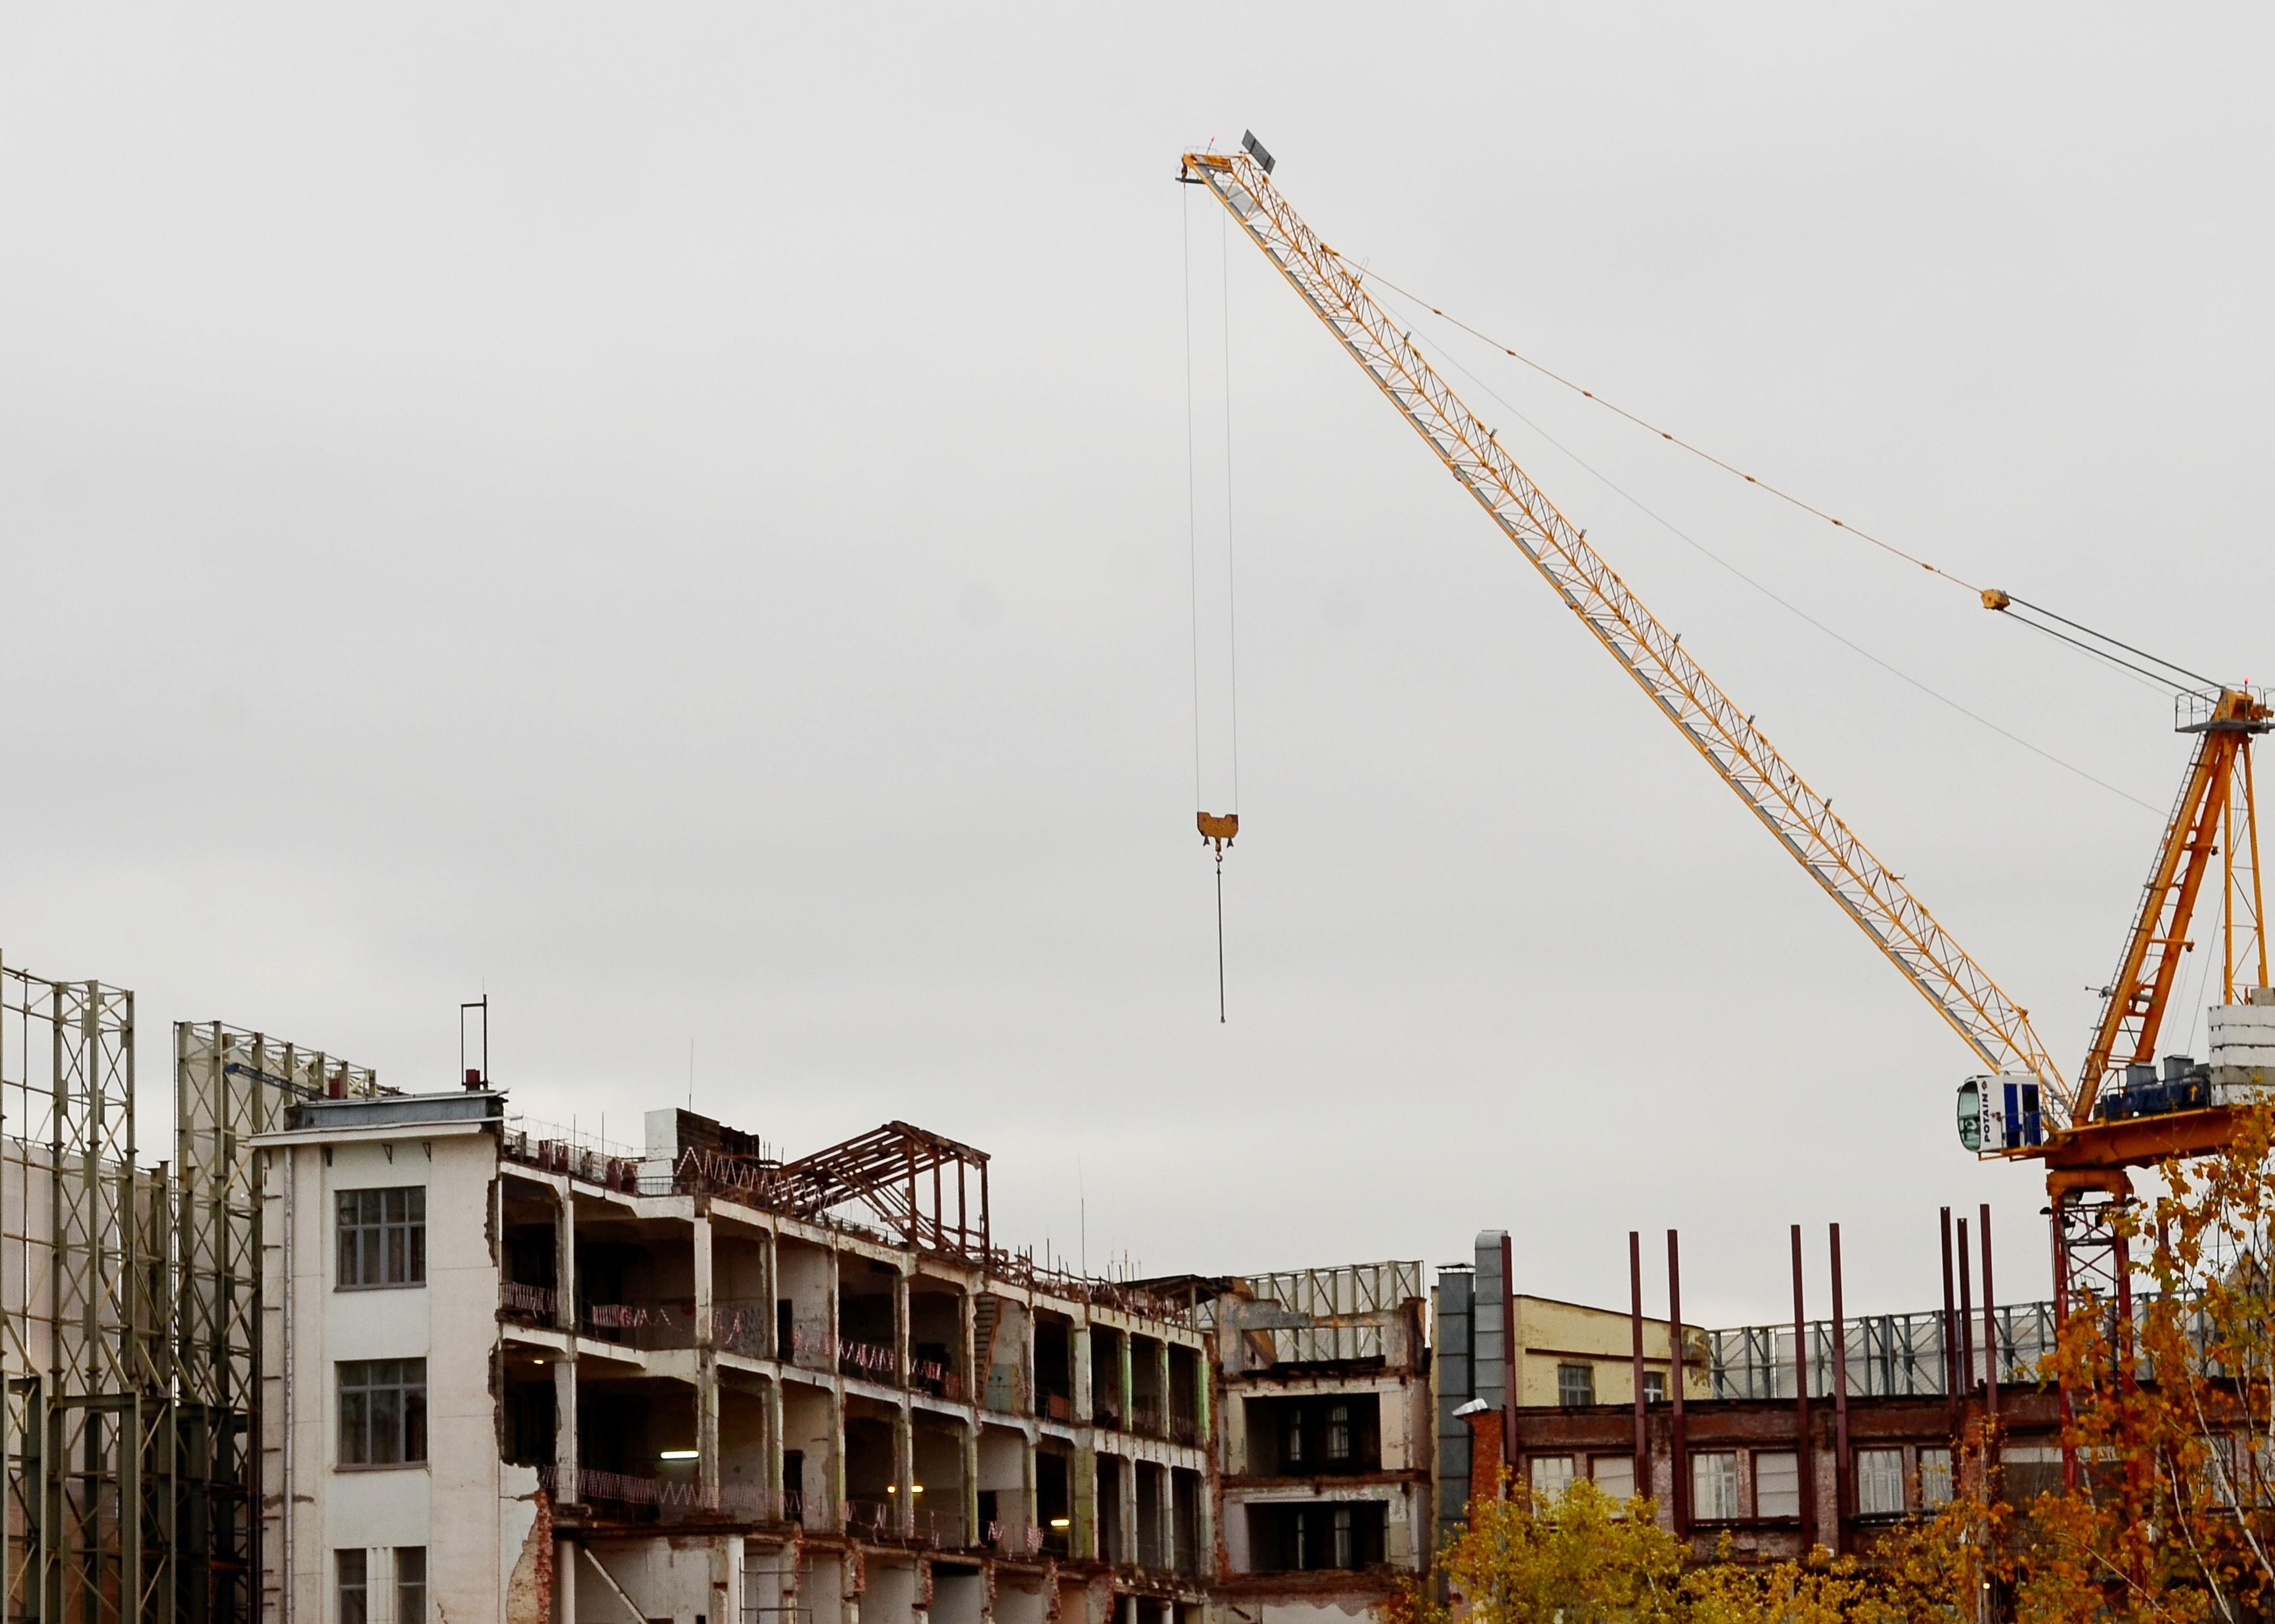 Согласована документация на строительство культурного центра в поселении Кленовское. Фото: Анна Быкова